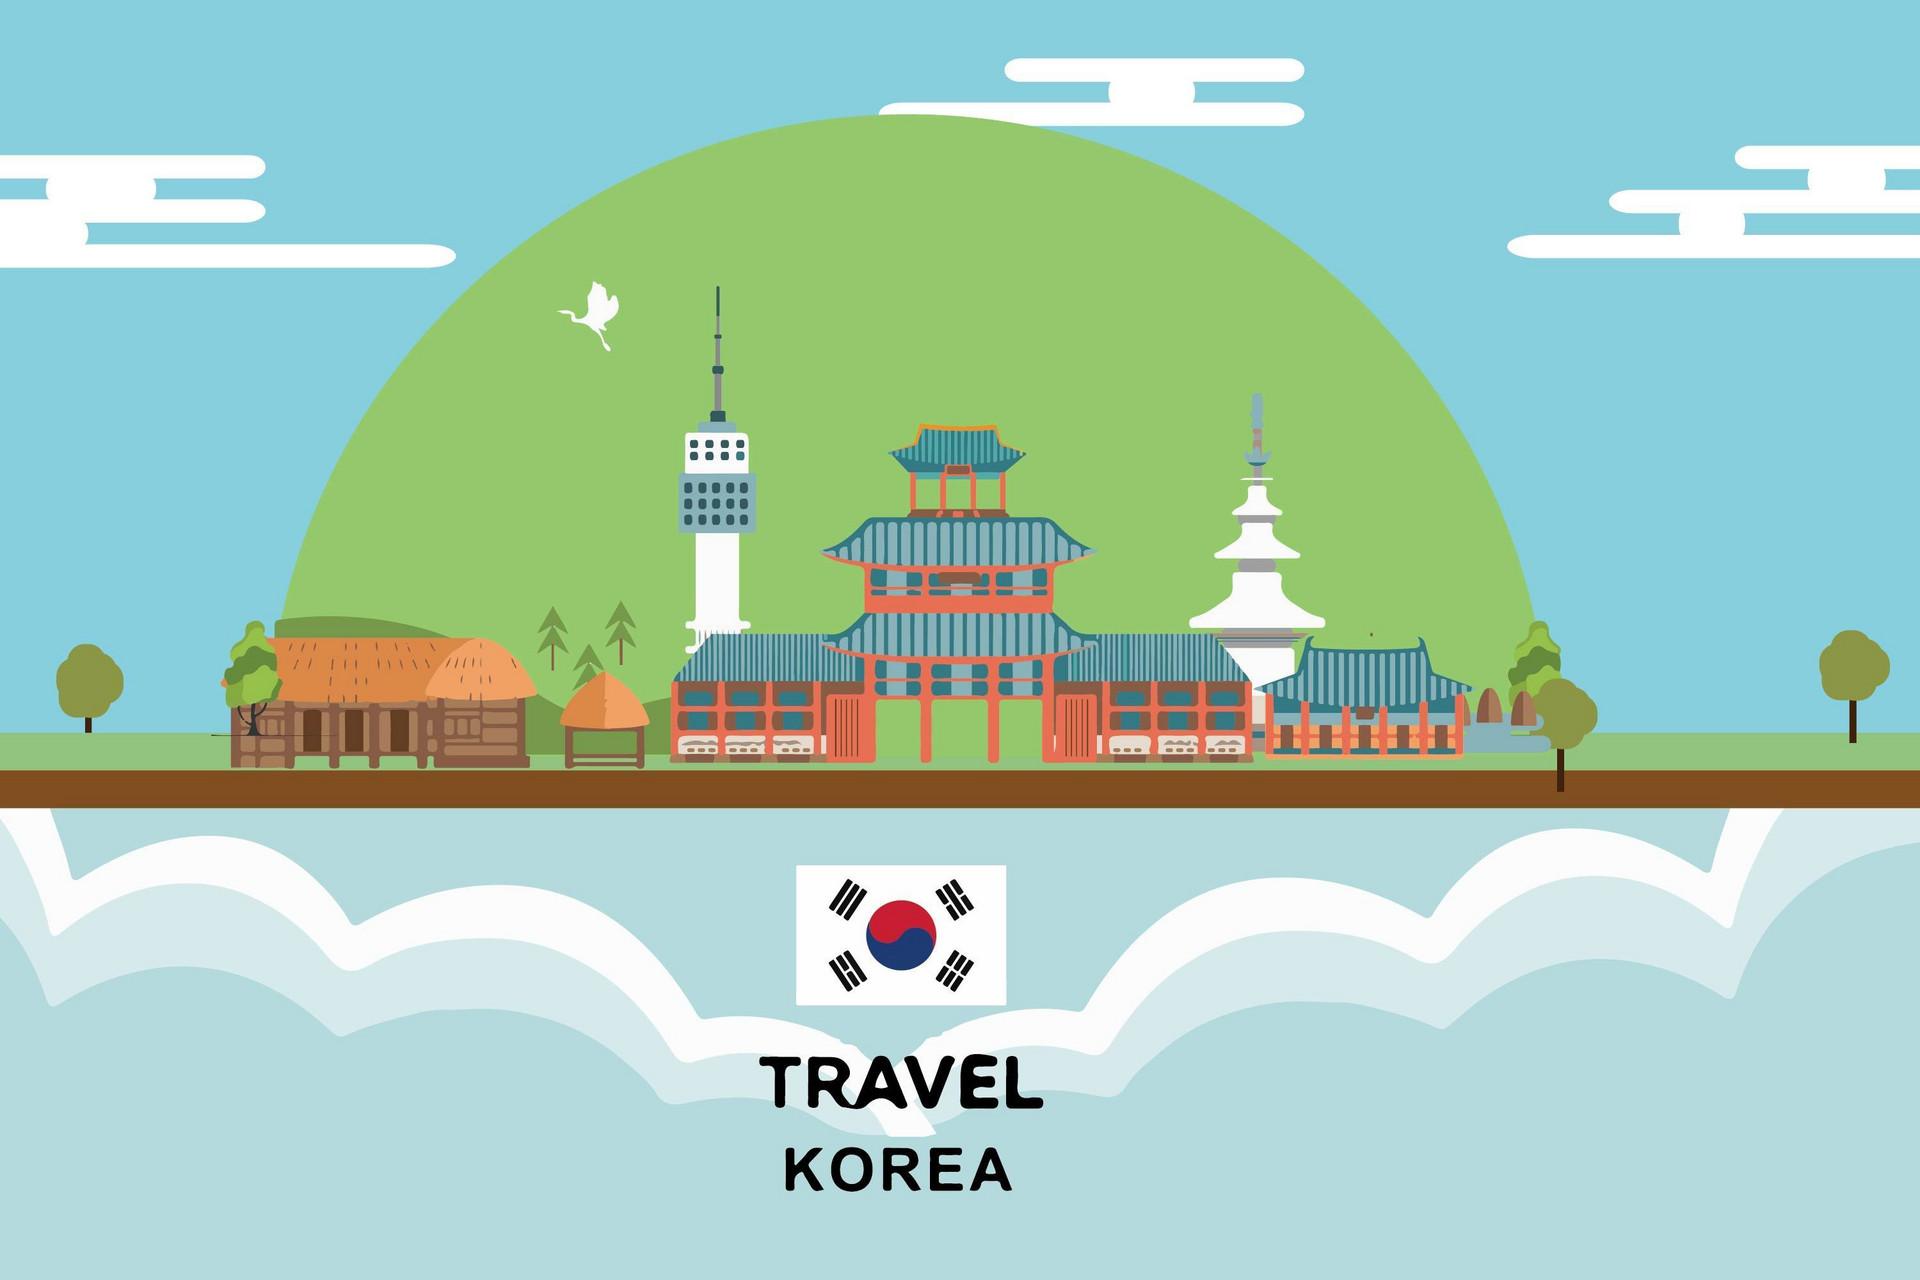 重庆韩语暑期学习一般多少钱